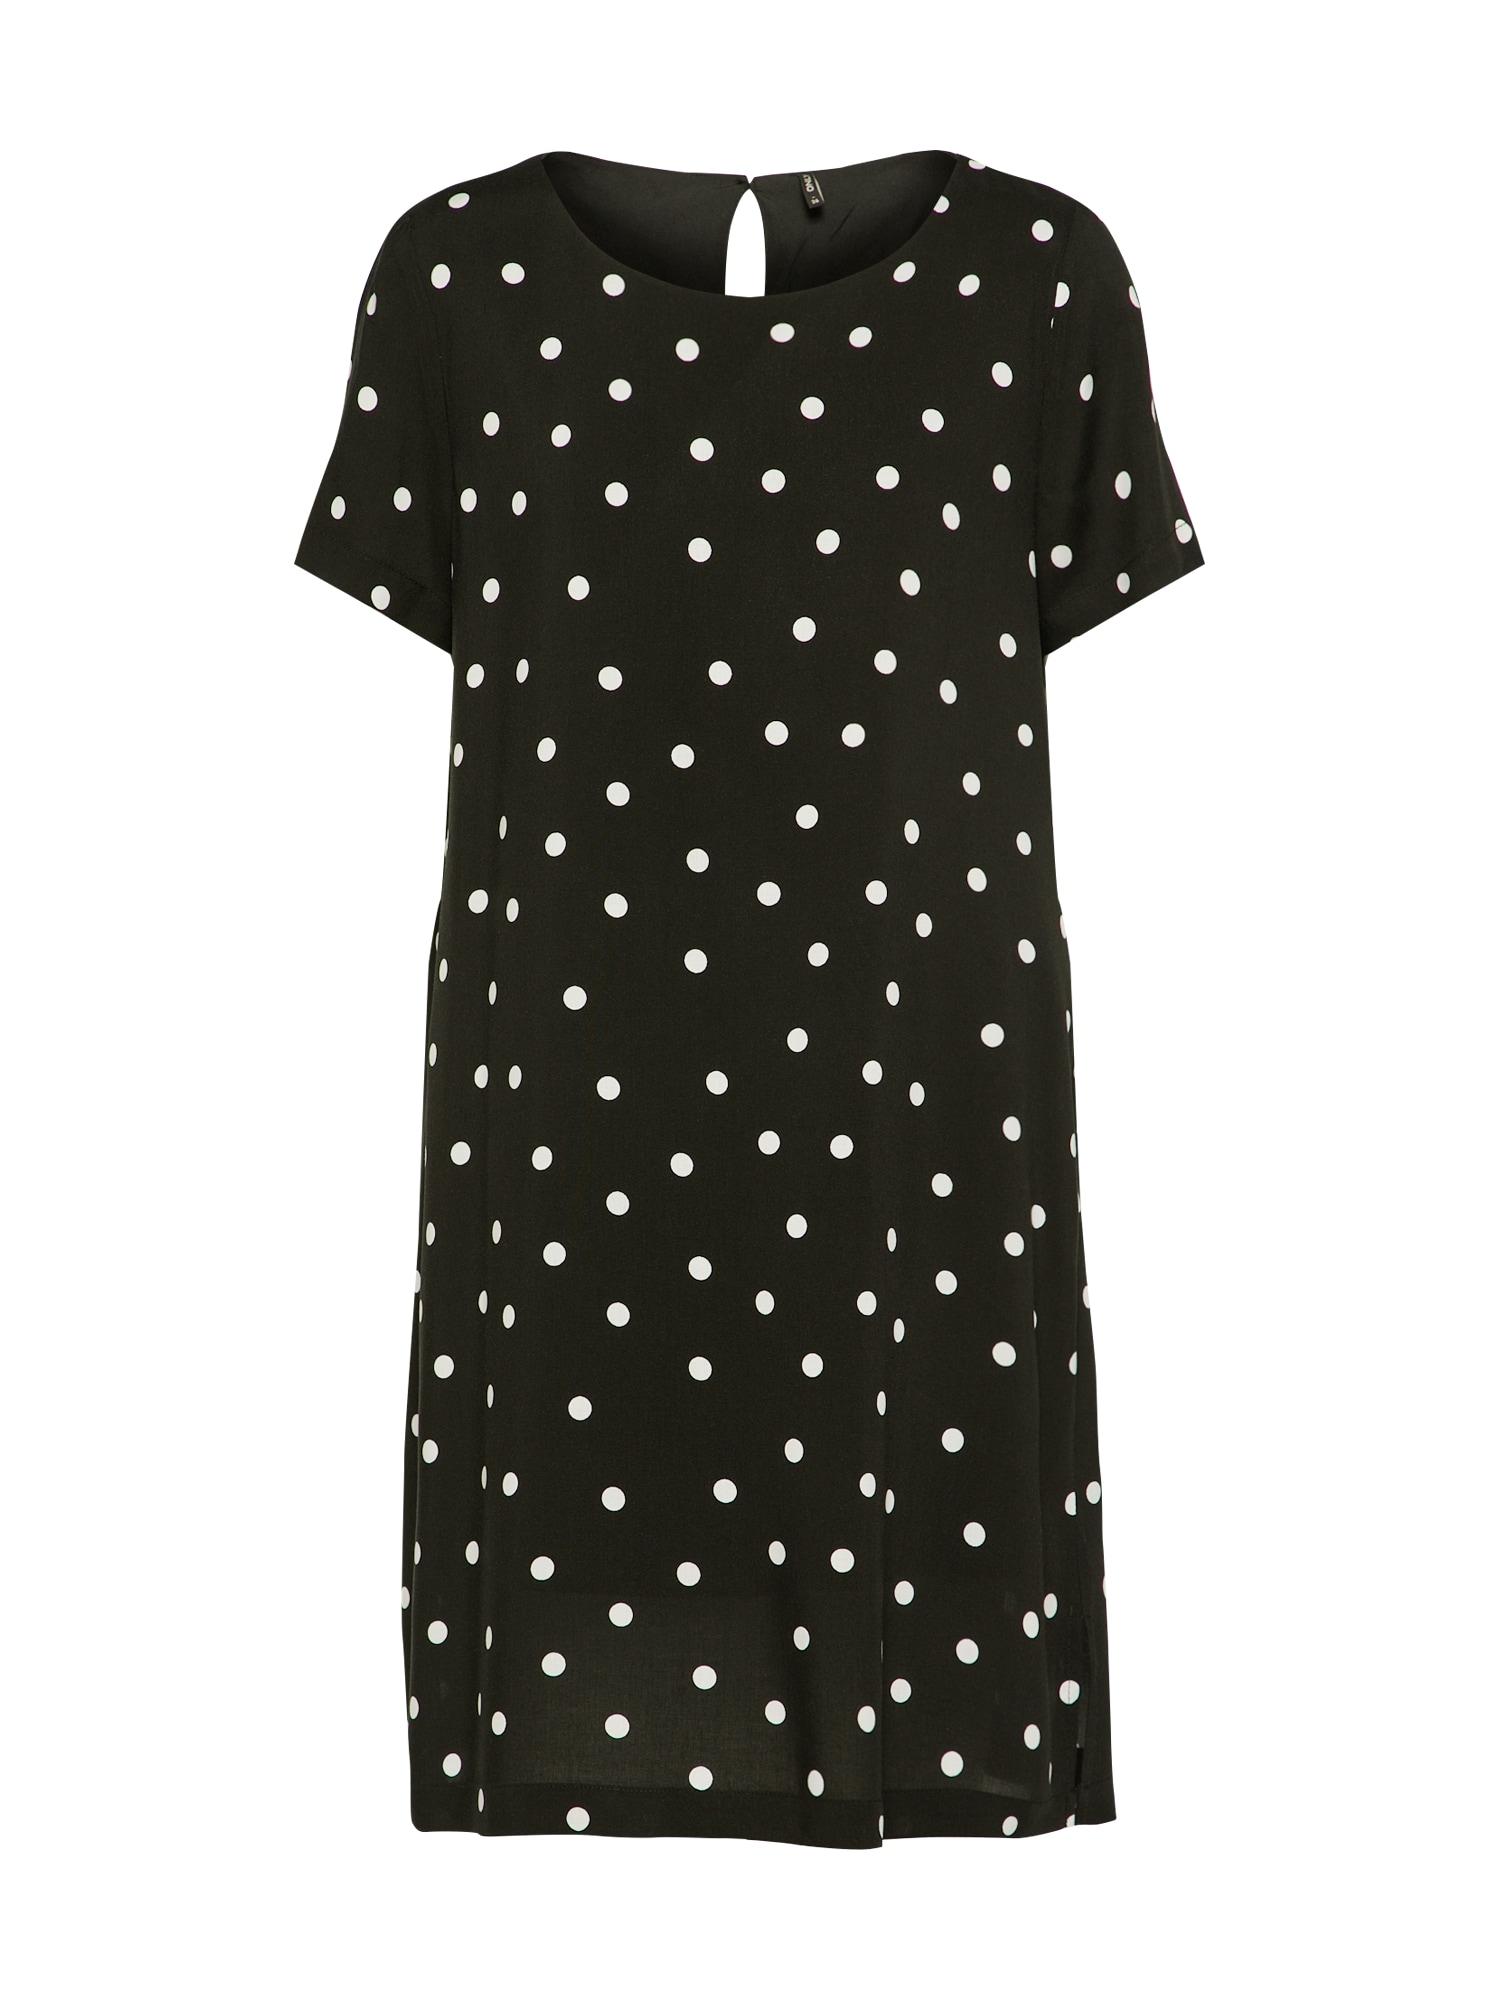 Letní šaty FIRST černá bílá ONLY